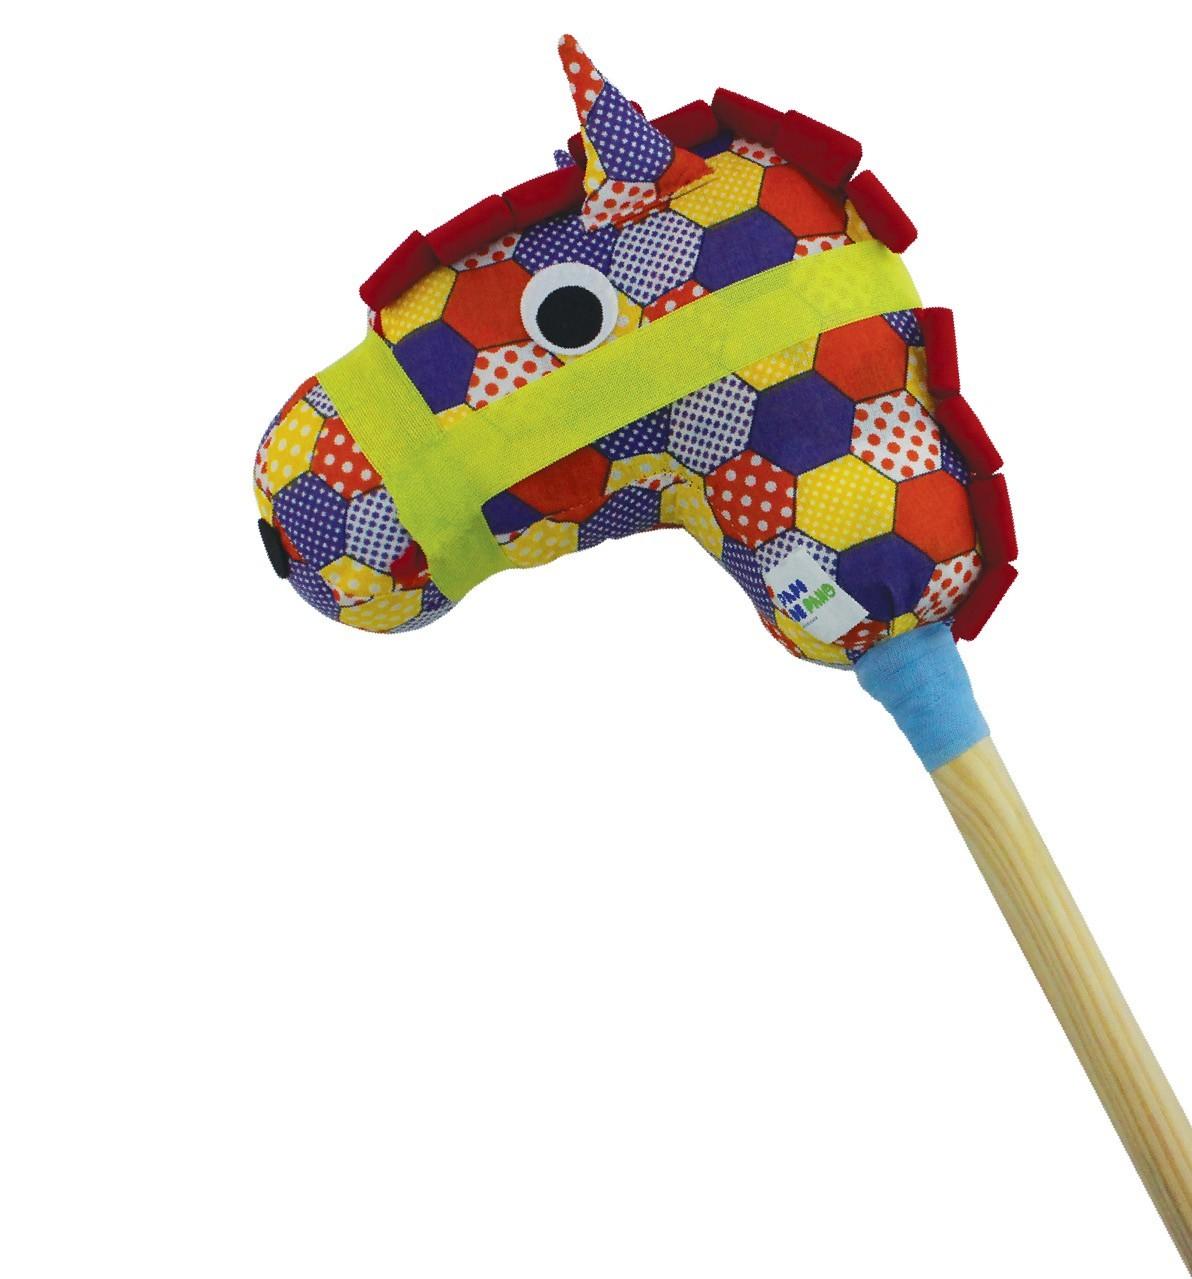 Brinquedo de Madeira Cavalo de Pau com a Cabeça de Tecido Estampado